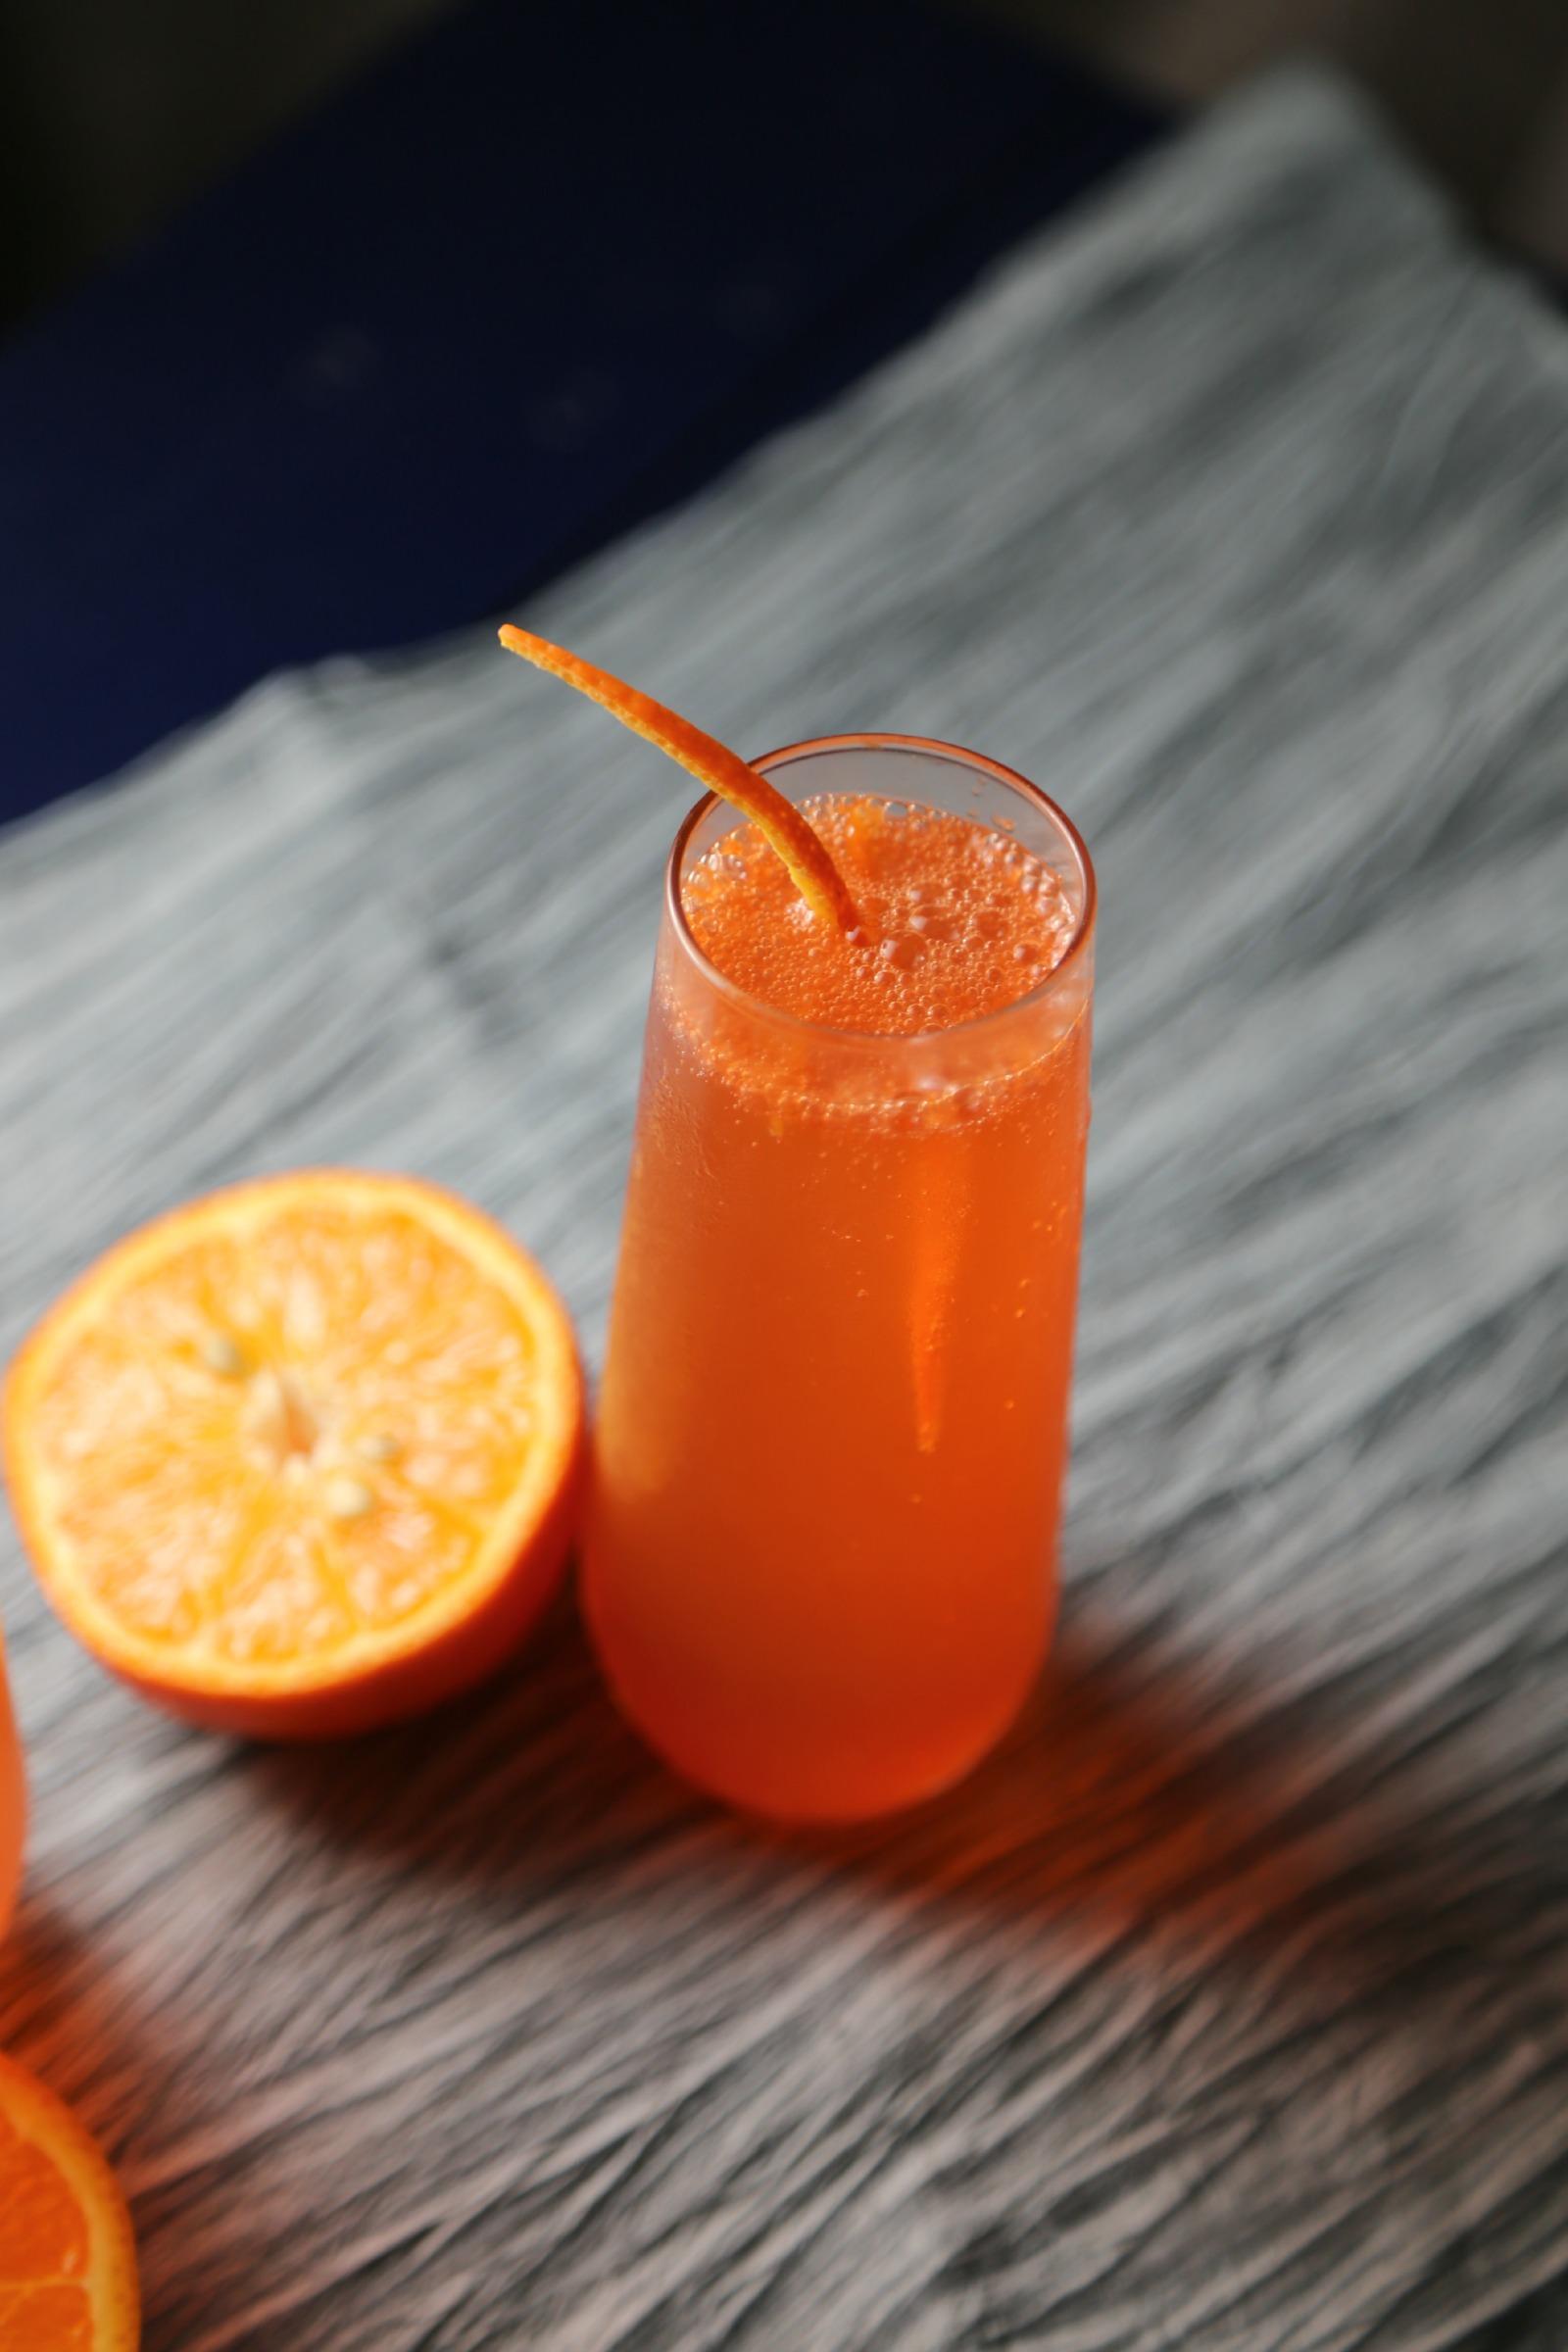 Orange-Sparkling-Cocktail-VianneyRodriguez